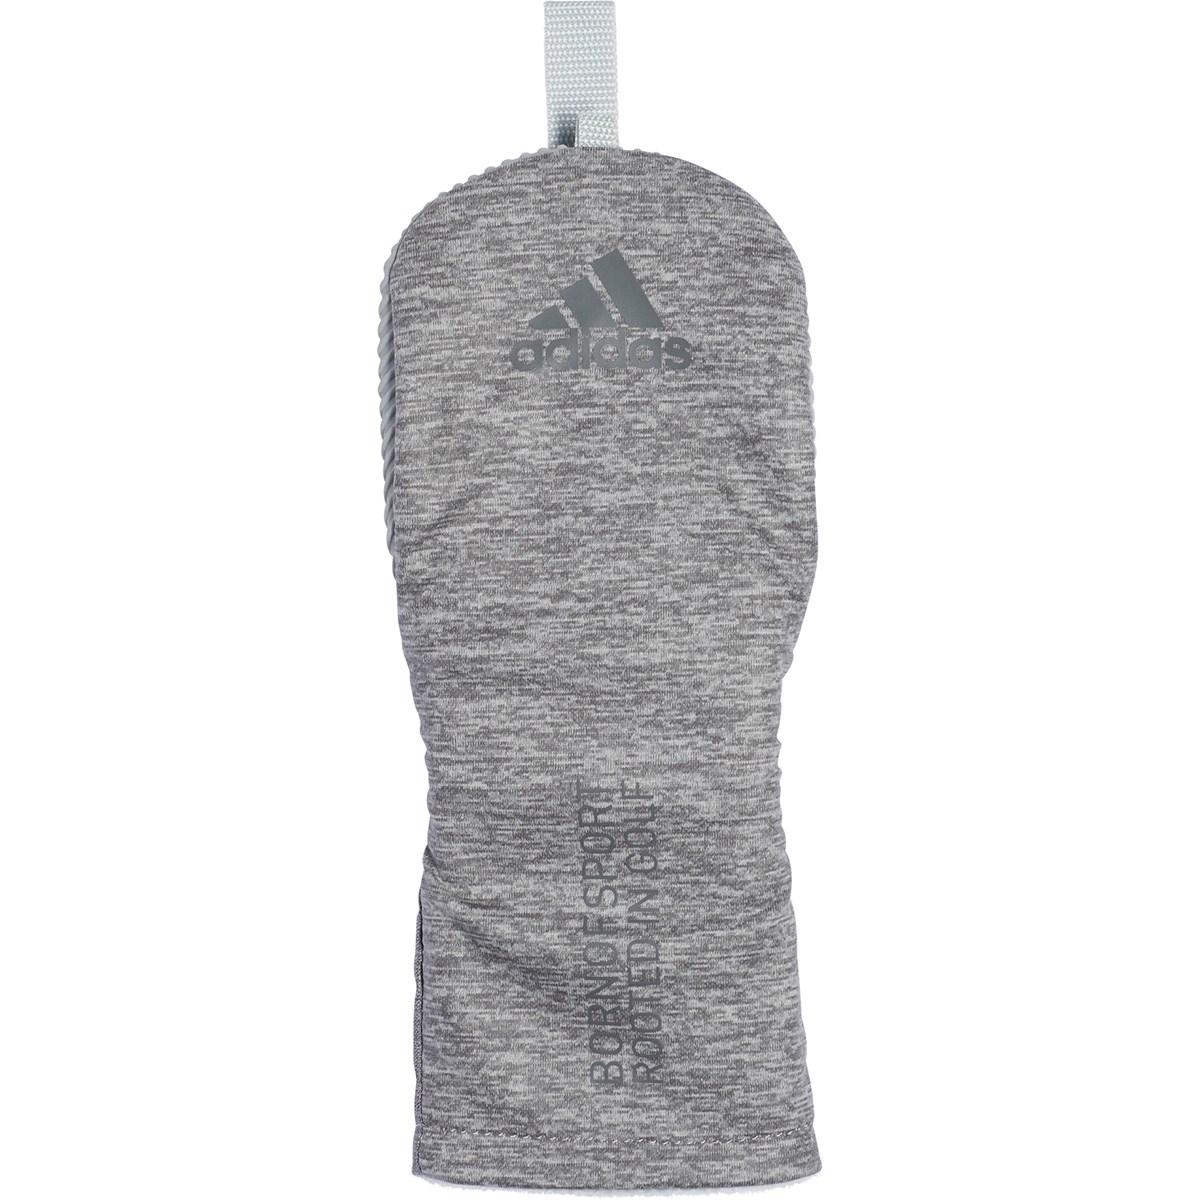 アディダス adidas コーティングヘザー ヘッドカバー FW用 ライトグレー メンズ ゴルフ